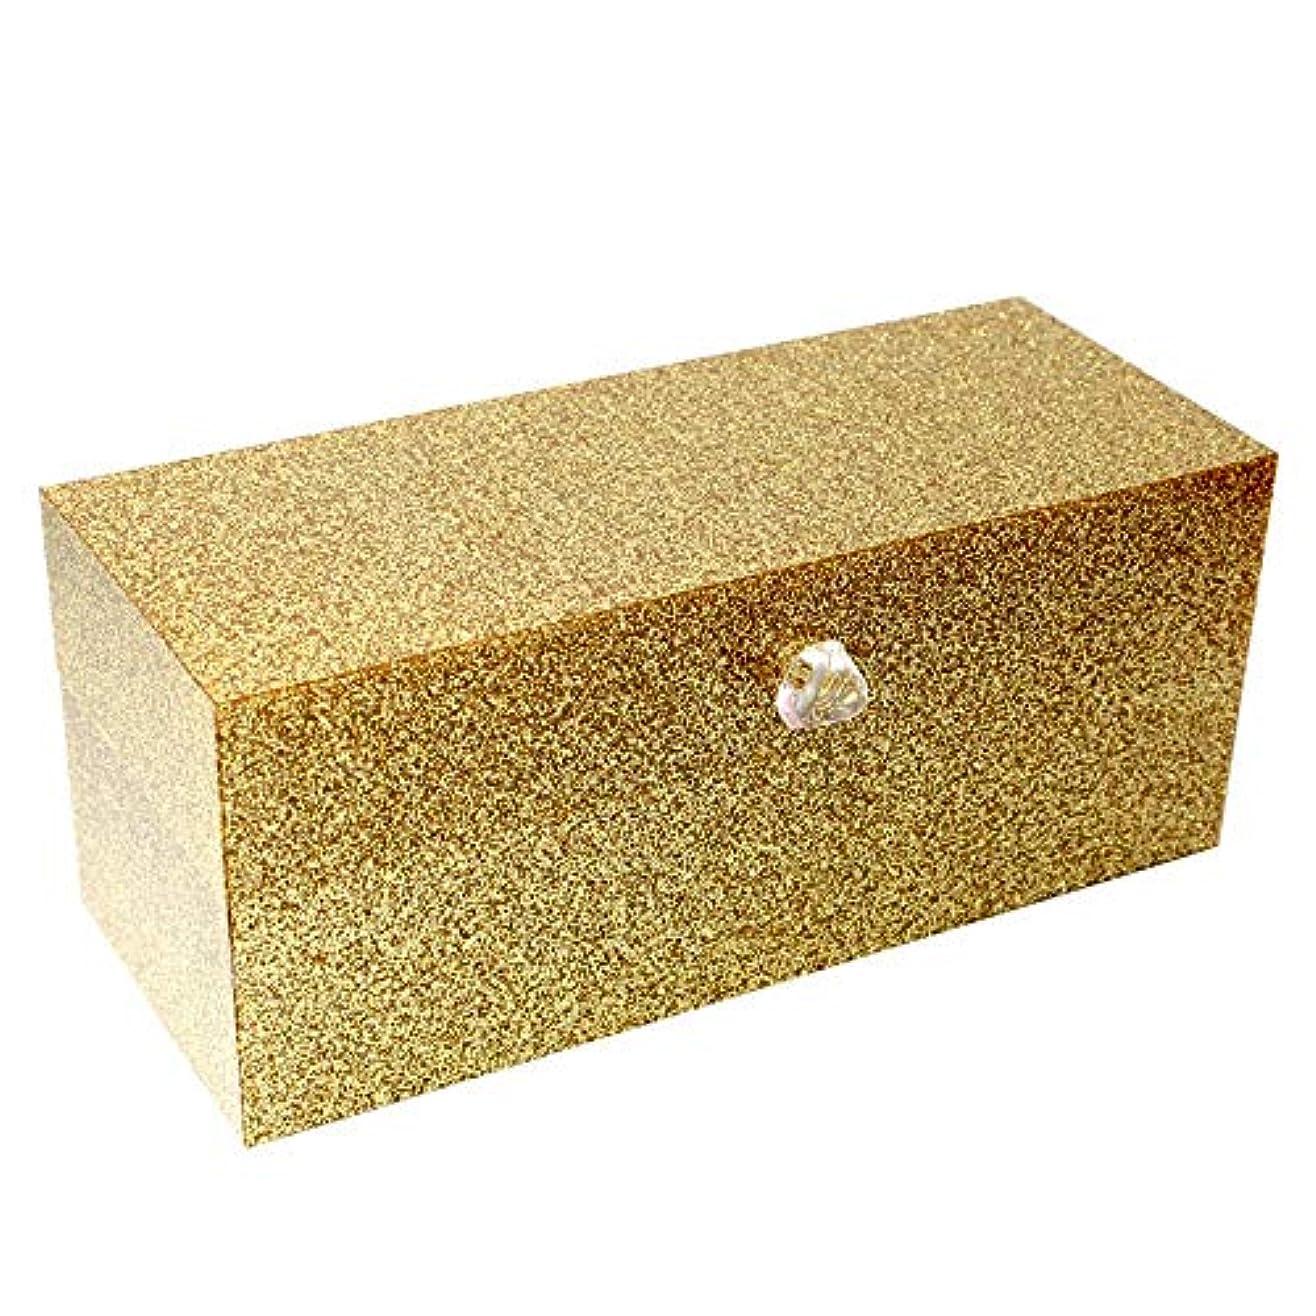 誓うエレクトロニック仮称整理簡単 口紅のアクリルの付属品を収納するための24のコンパートメントが付いている簡単な構造の貯蔵ふたが付いているオルガナイザー(金) (Color : Gold, Size : 23*9.5*9.2CM)